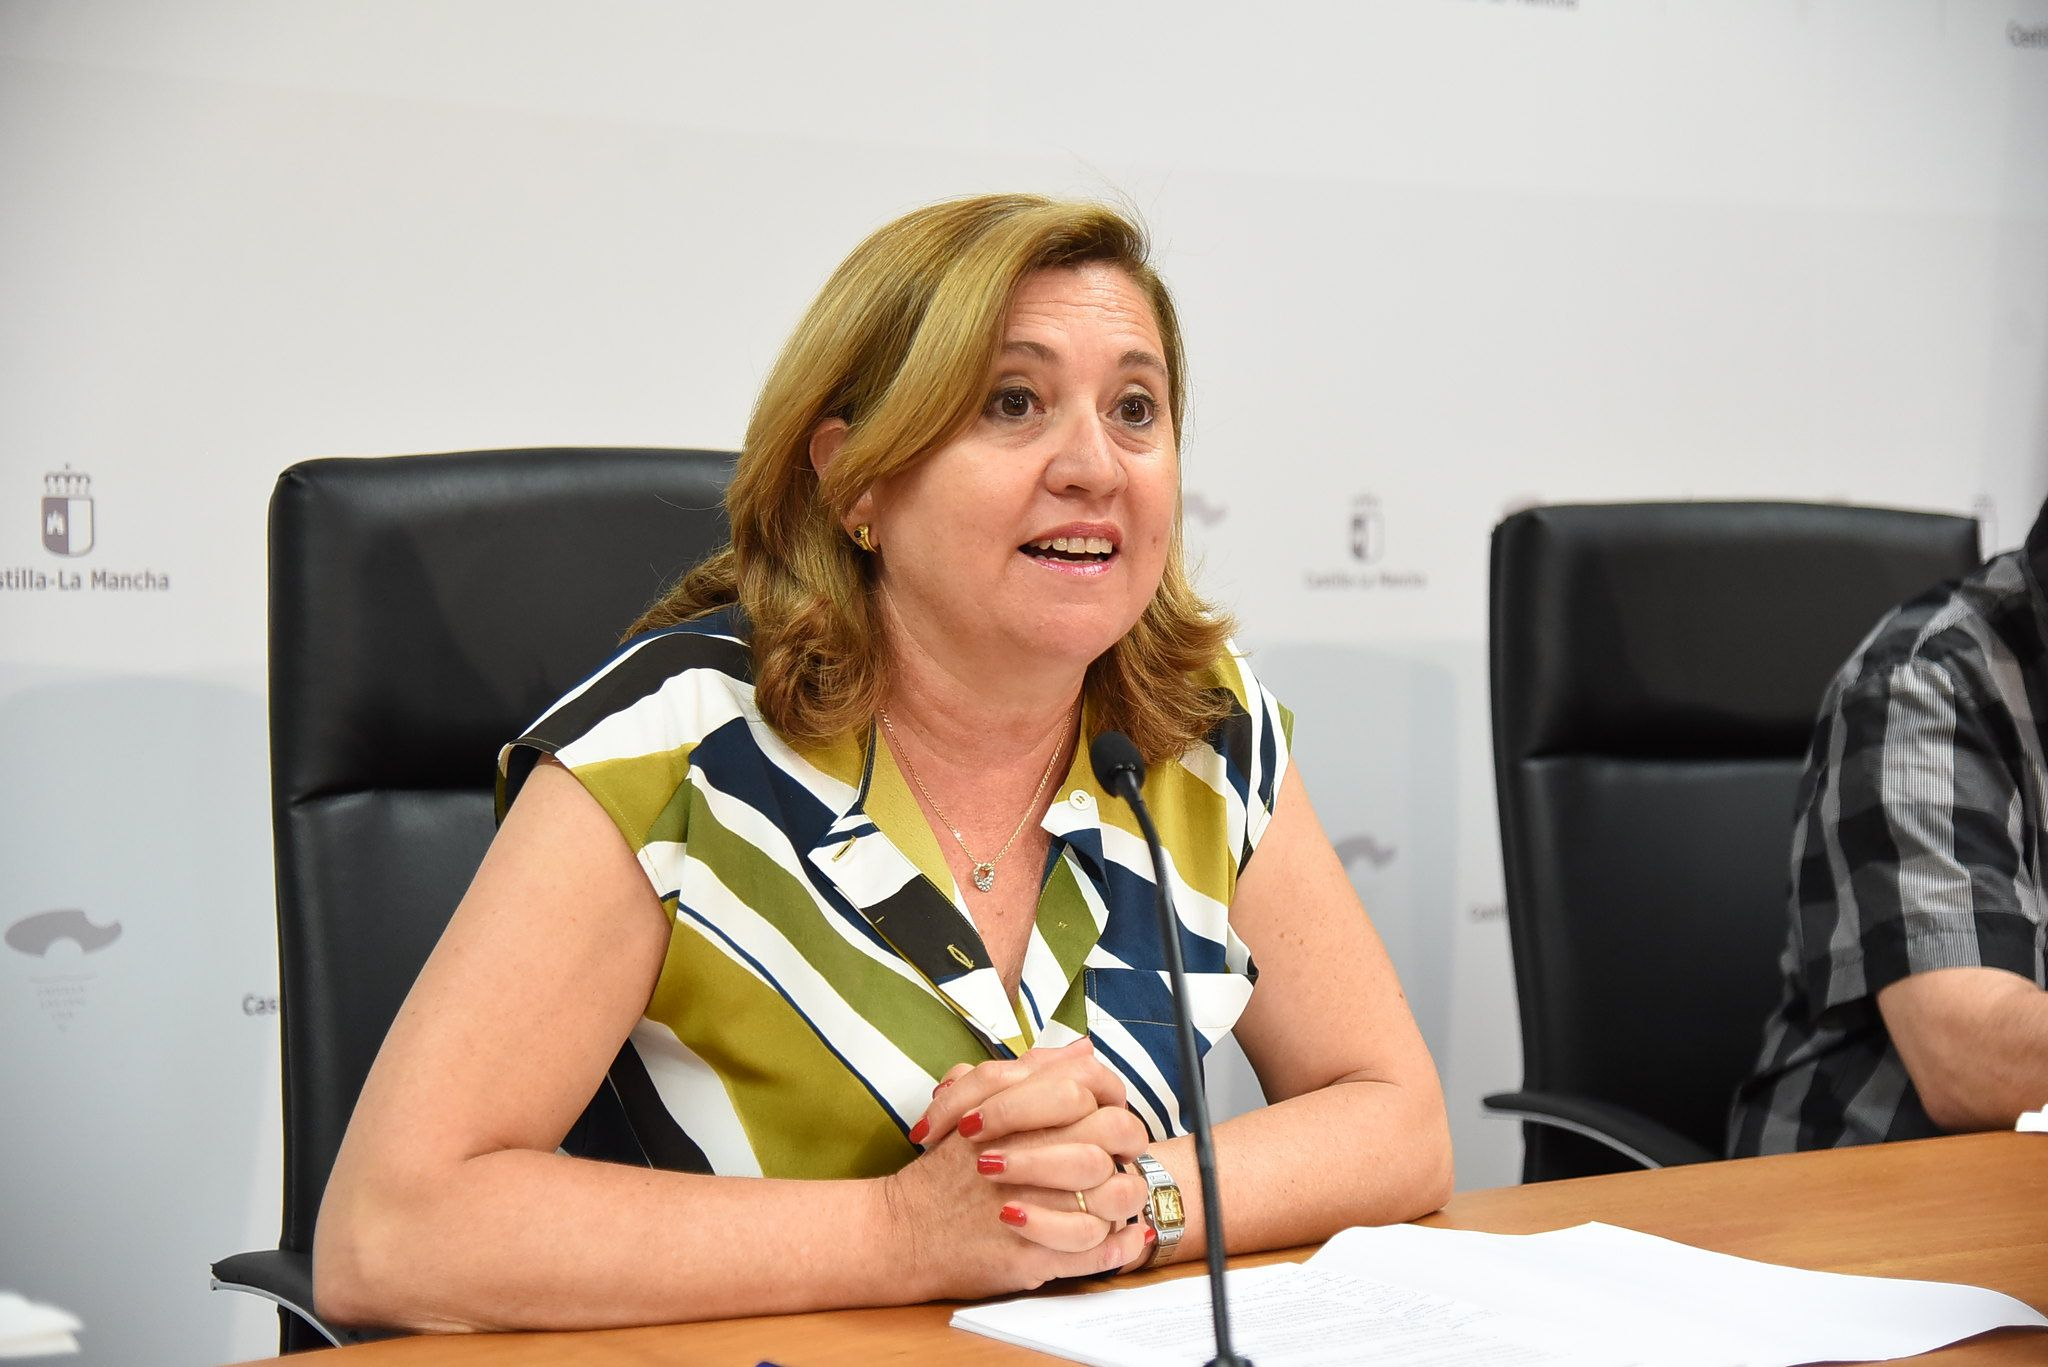 El Gobierno regional traslada a CERMI la apuesta del Gobierno regional con la inclusión educativa reflejada en la propia estructura de la Consejería